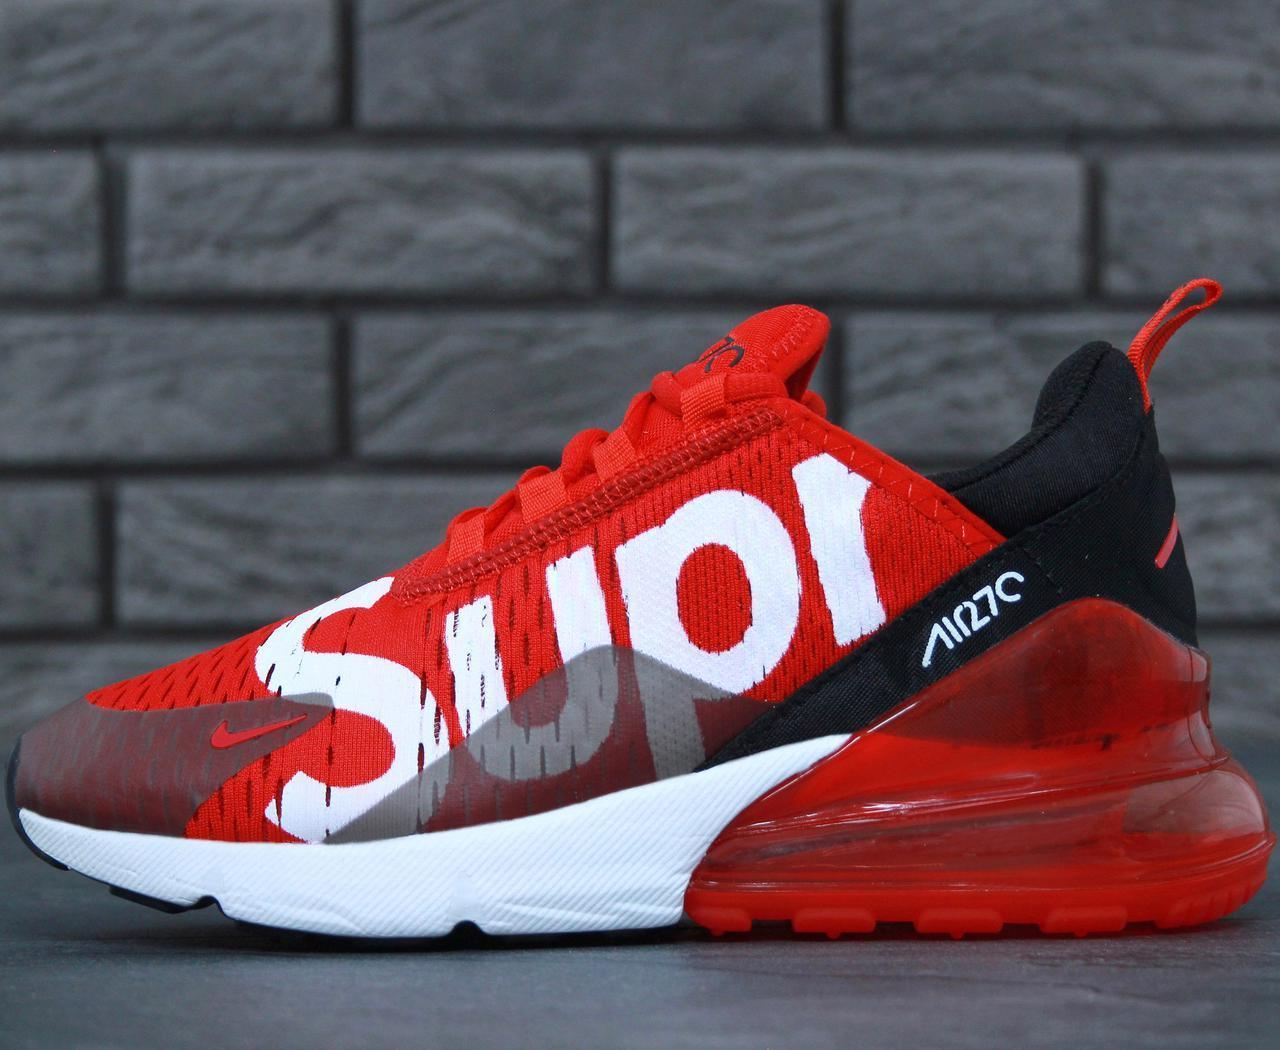 605ff8af Мужские кроссовки Nike Air Max 270 Red Supreme, Найк Аир Макс 270 Красные -  интернет